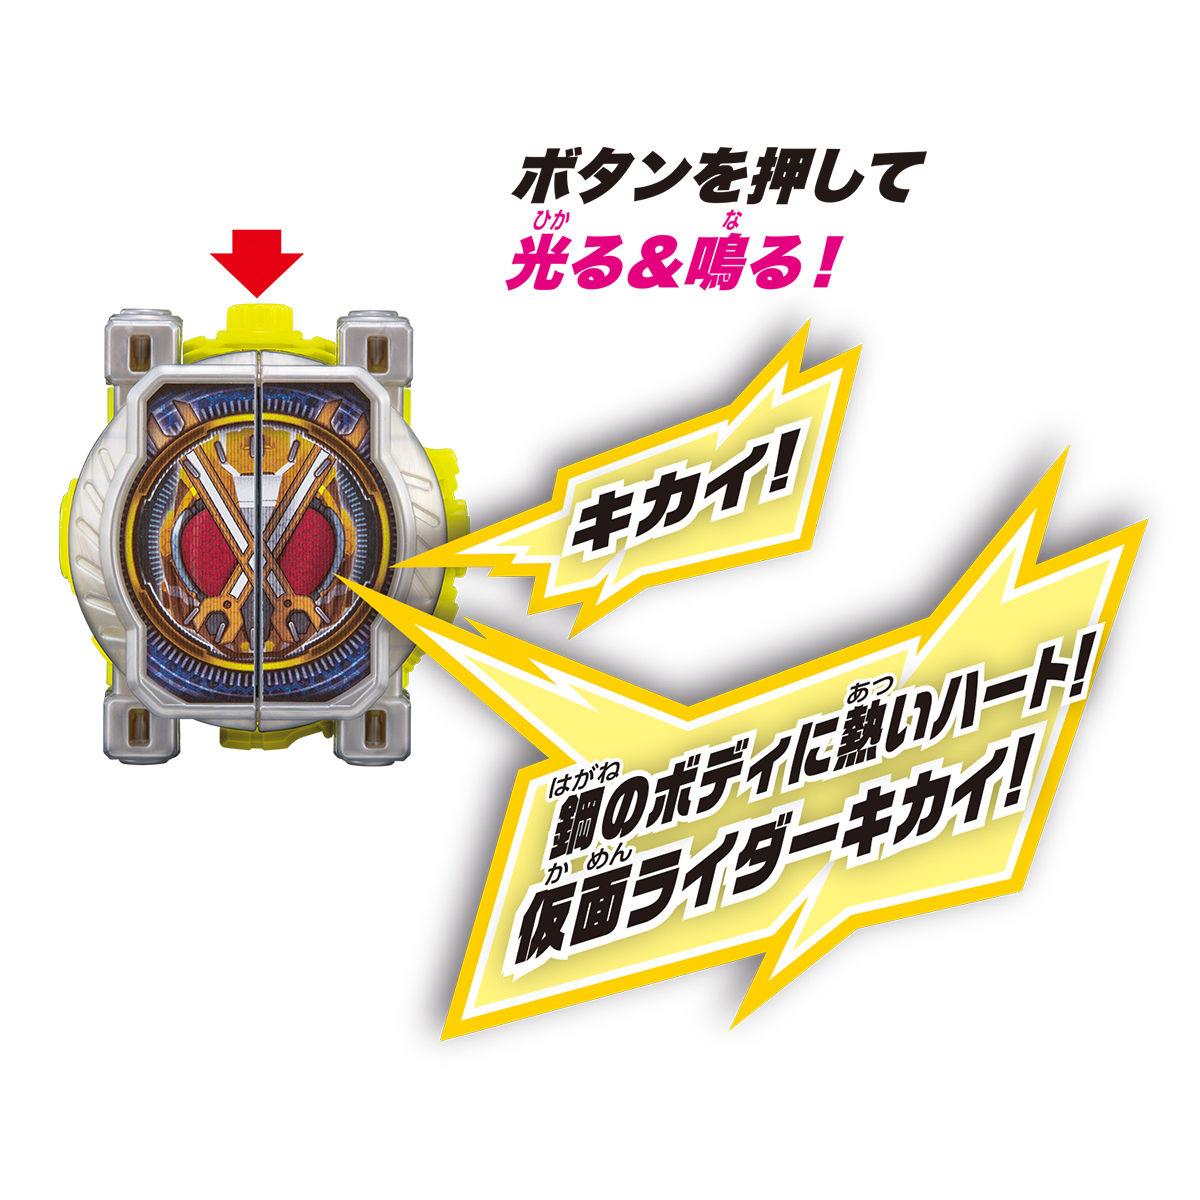 仮面ライダージオウ『DXキカイミライドウォッチ』変身なりきり-003